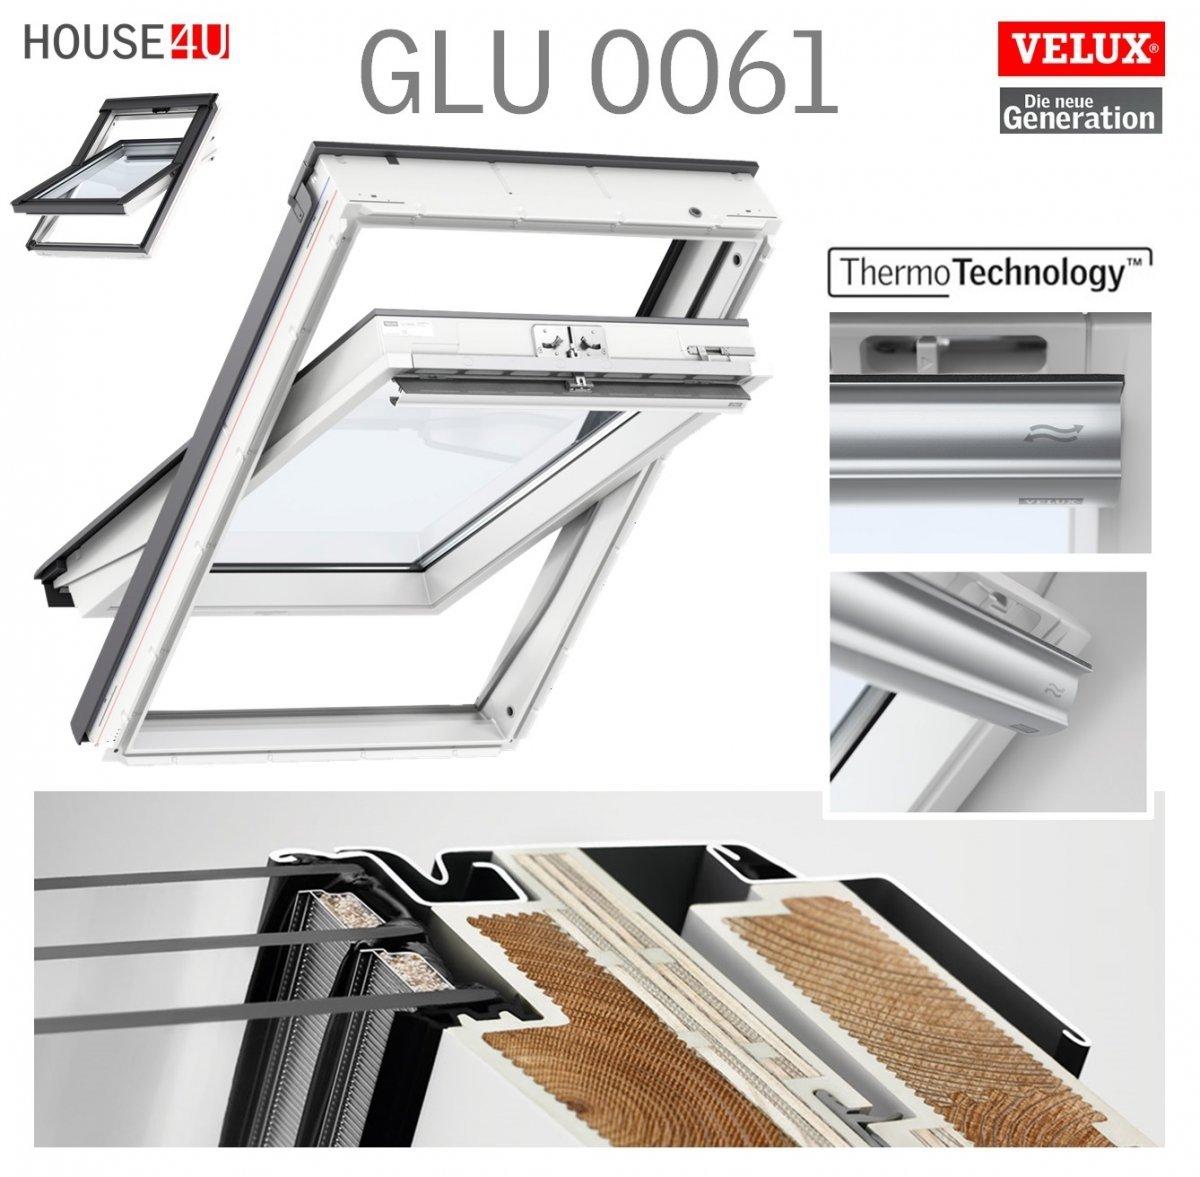 Velux Dachfenster Glu 0061 3 Fach Verglasung Uw 1 1 Schwingfenster Kunststoffqualitat Mit Dauerluftung Thermotechnology Kunststofffenster Schwingfenster Dachfenster